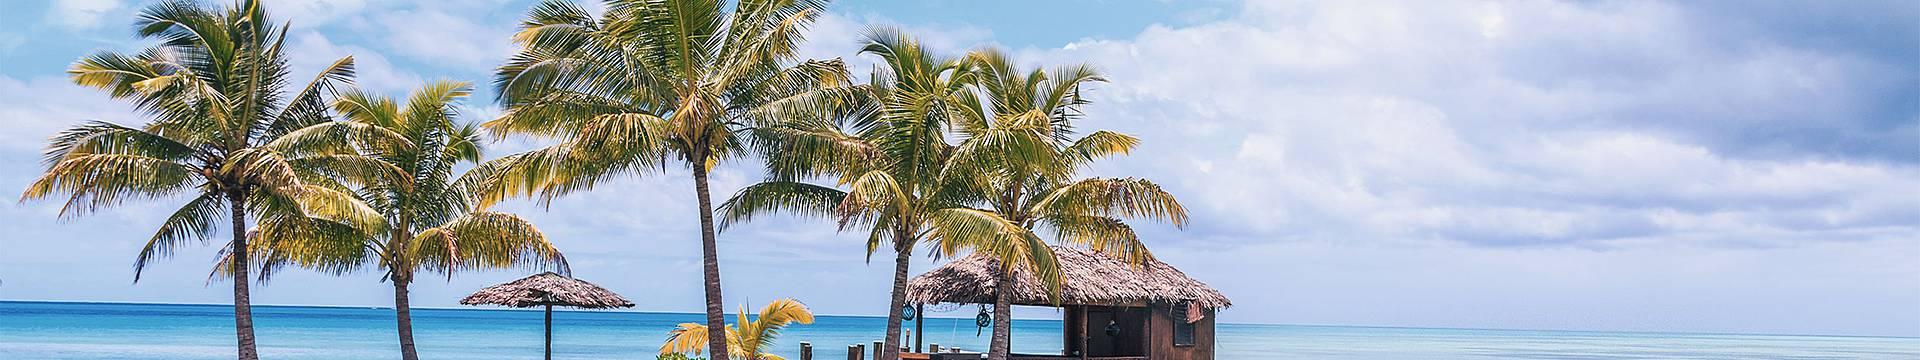 Samoa vacations